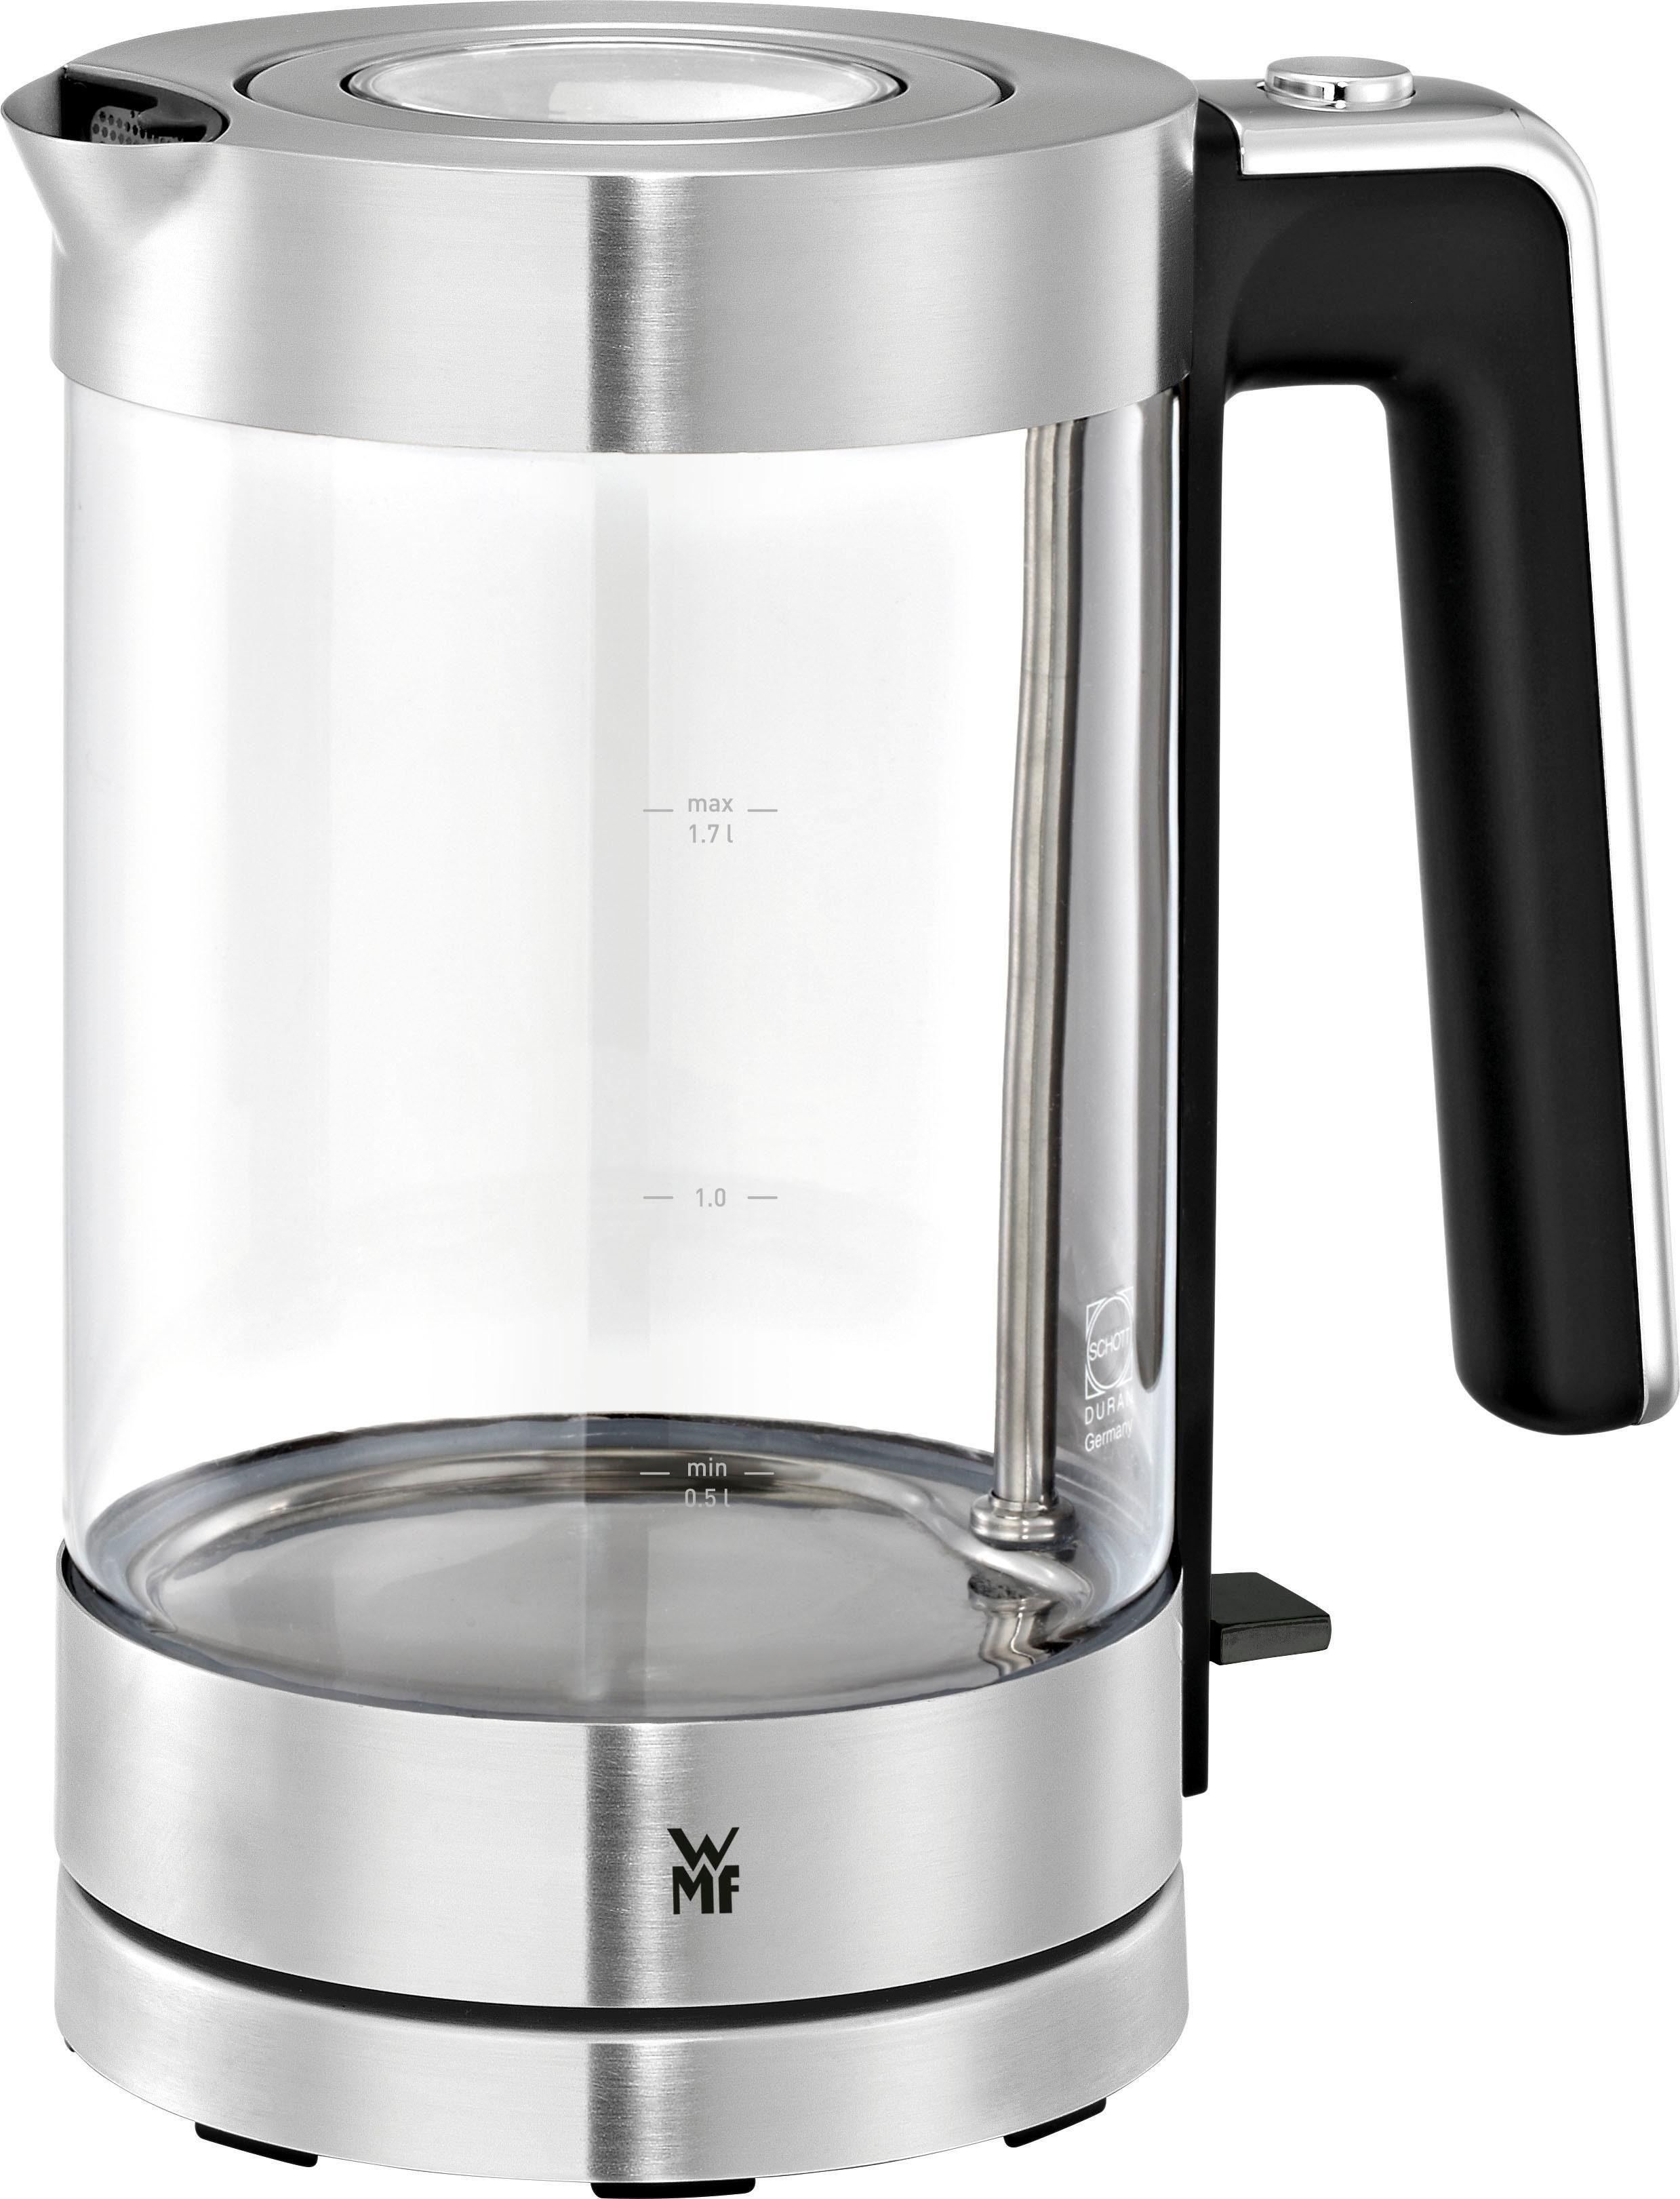 WMF Wasserkocher Glas-LONO, 1,7 l, 3000 W